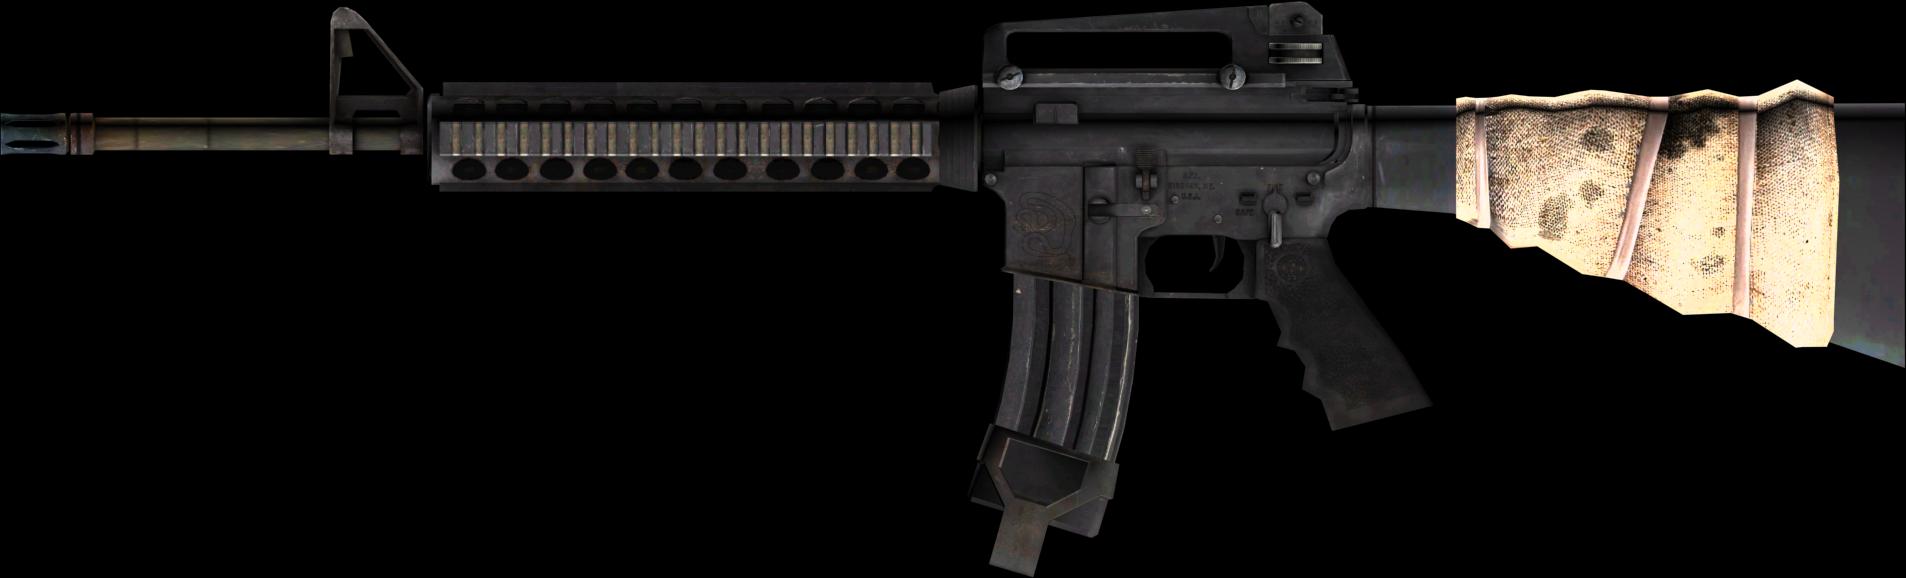 Assault Rifle PNG - 17706